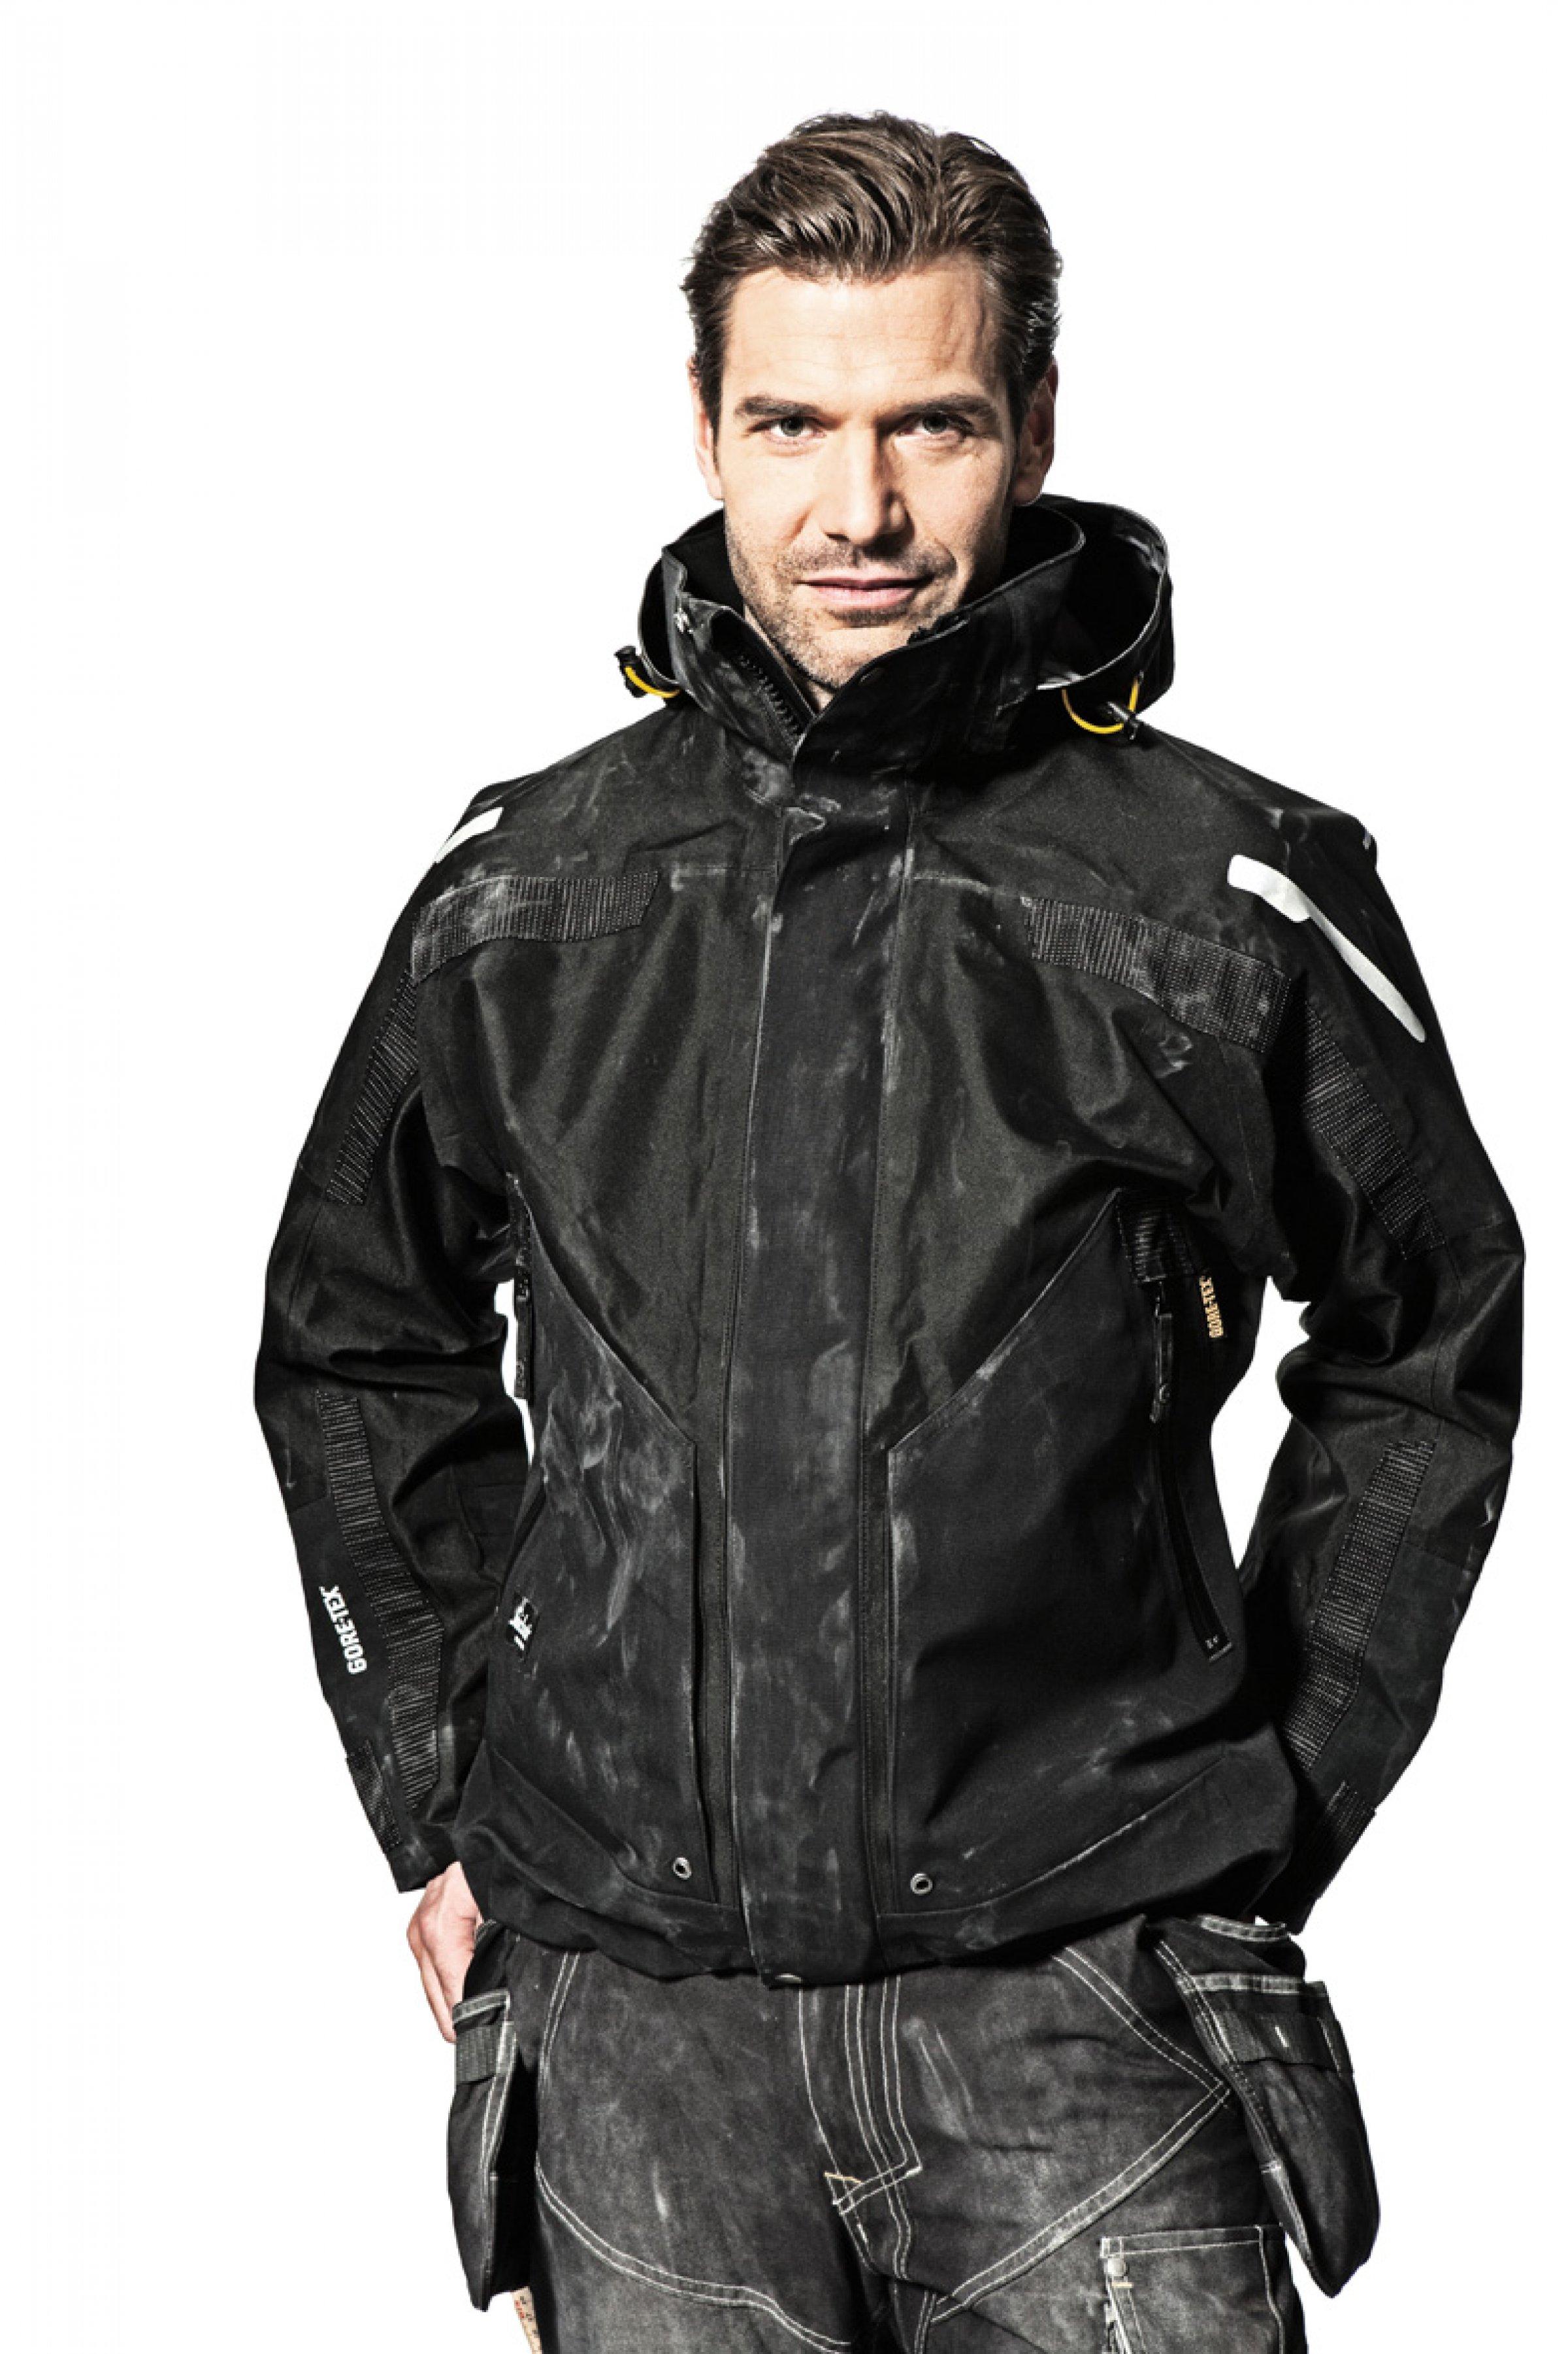 Solid jakke fra Snickers Workwear | Installatør